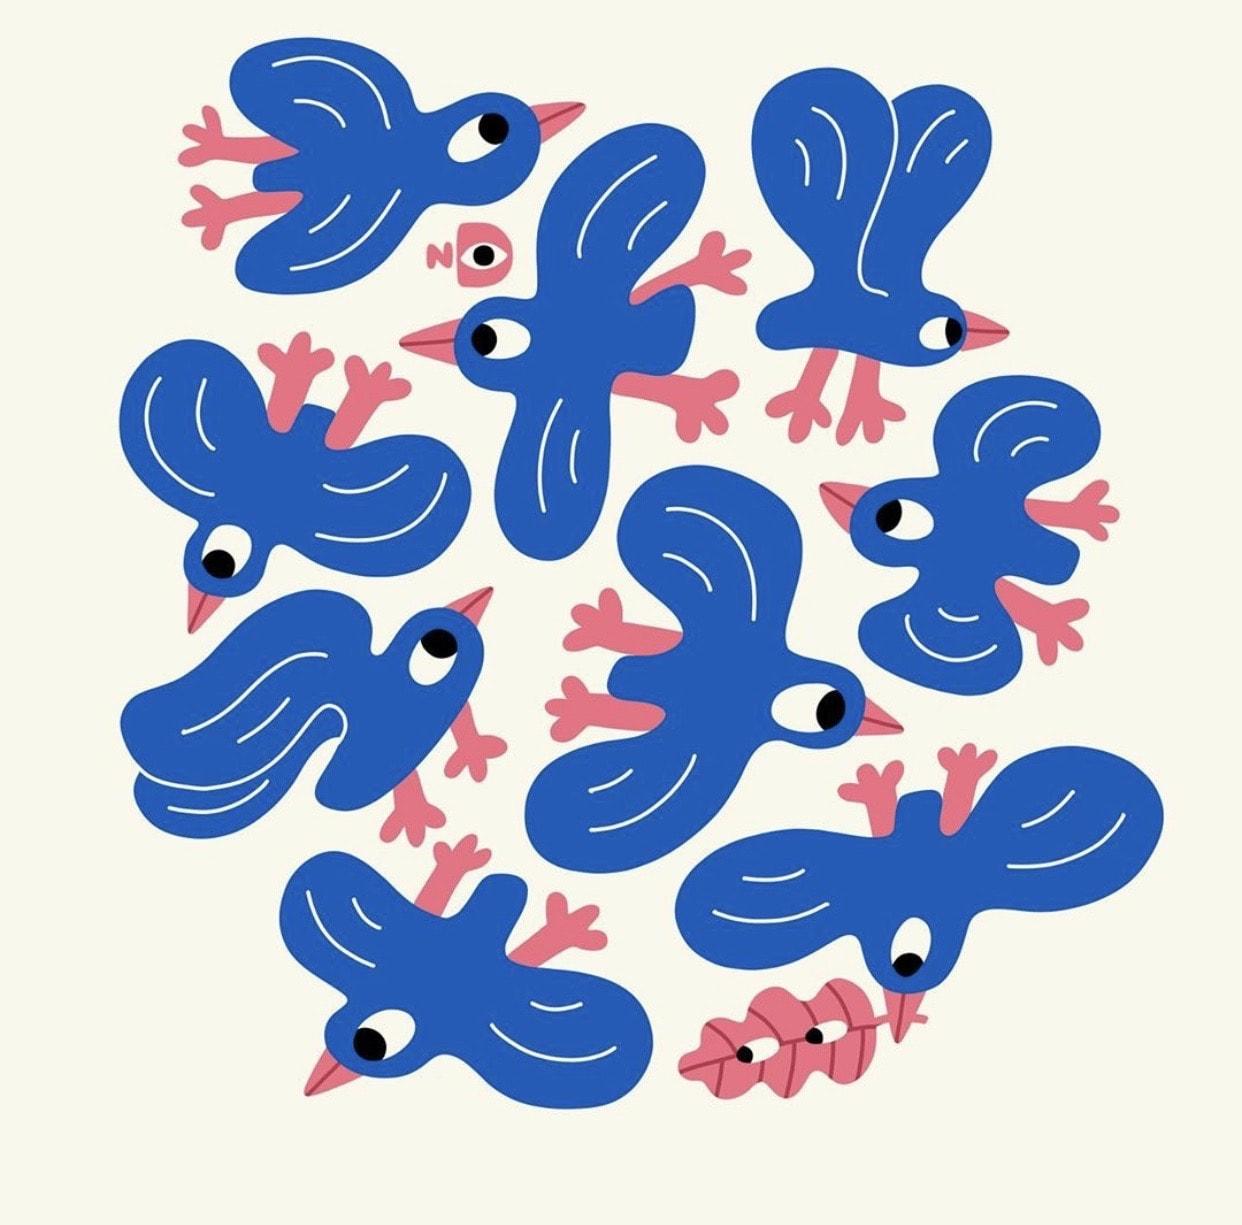 Illustrations of birds by Nina Dzyvulska